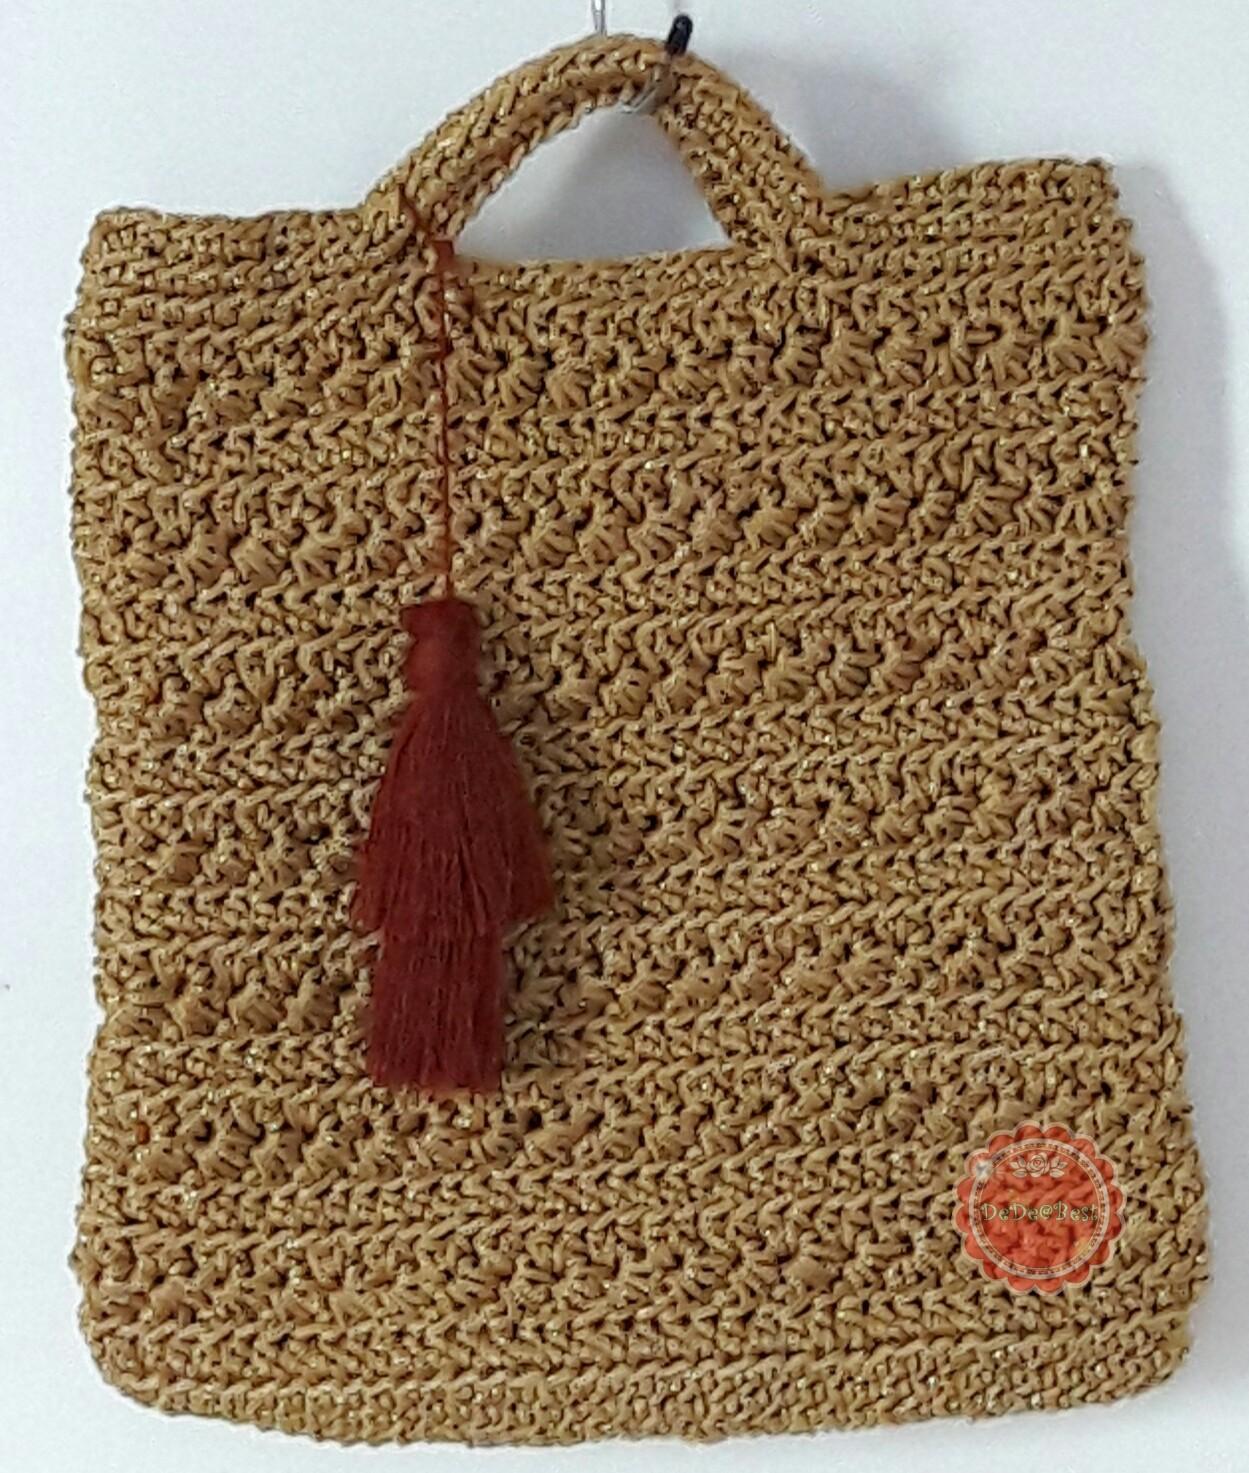 B66:Handmade bag กระเป๋าถือถักด้วยเชือกร่มสีทองดิ้นทอง แต่งพู่ สินค้าใหม่ค่ะ